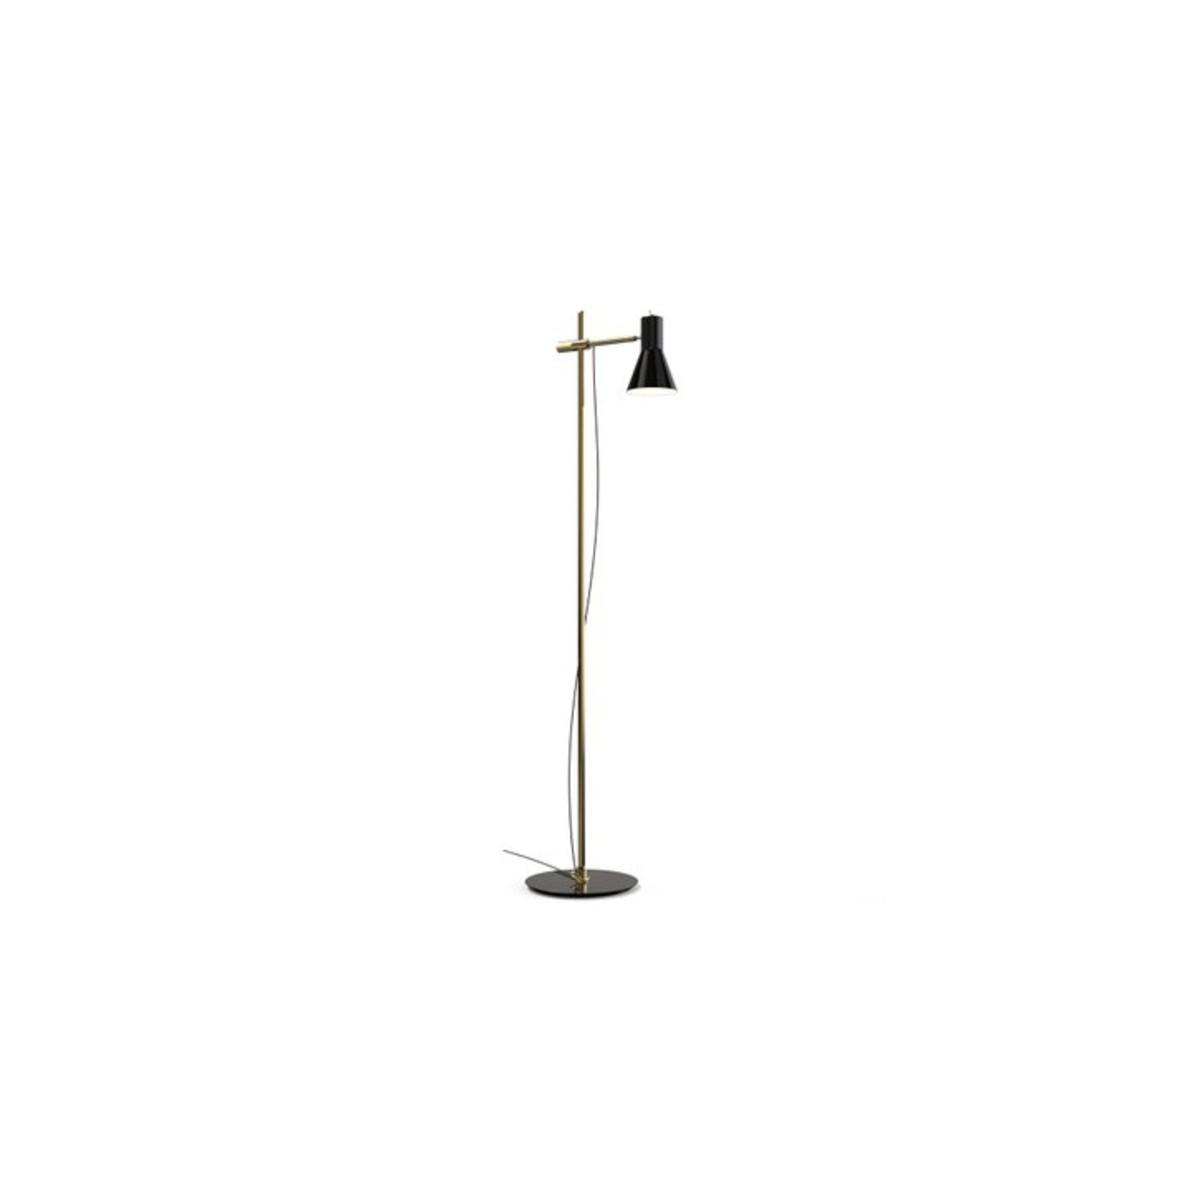 COLEMAN FLOOR LAMP